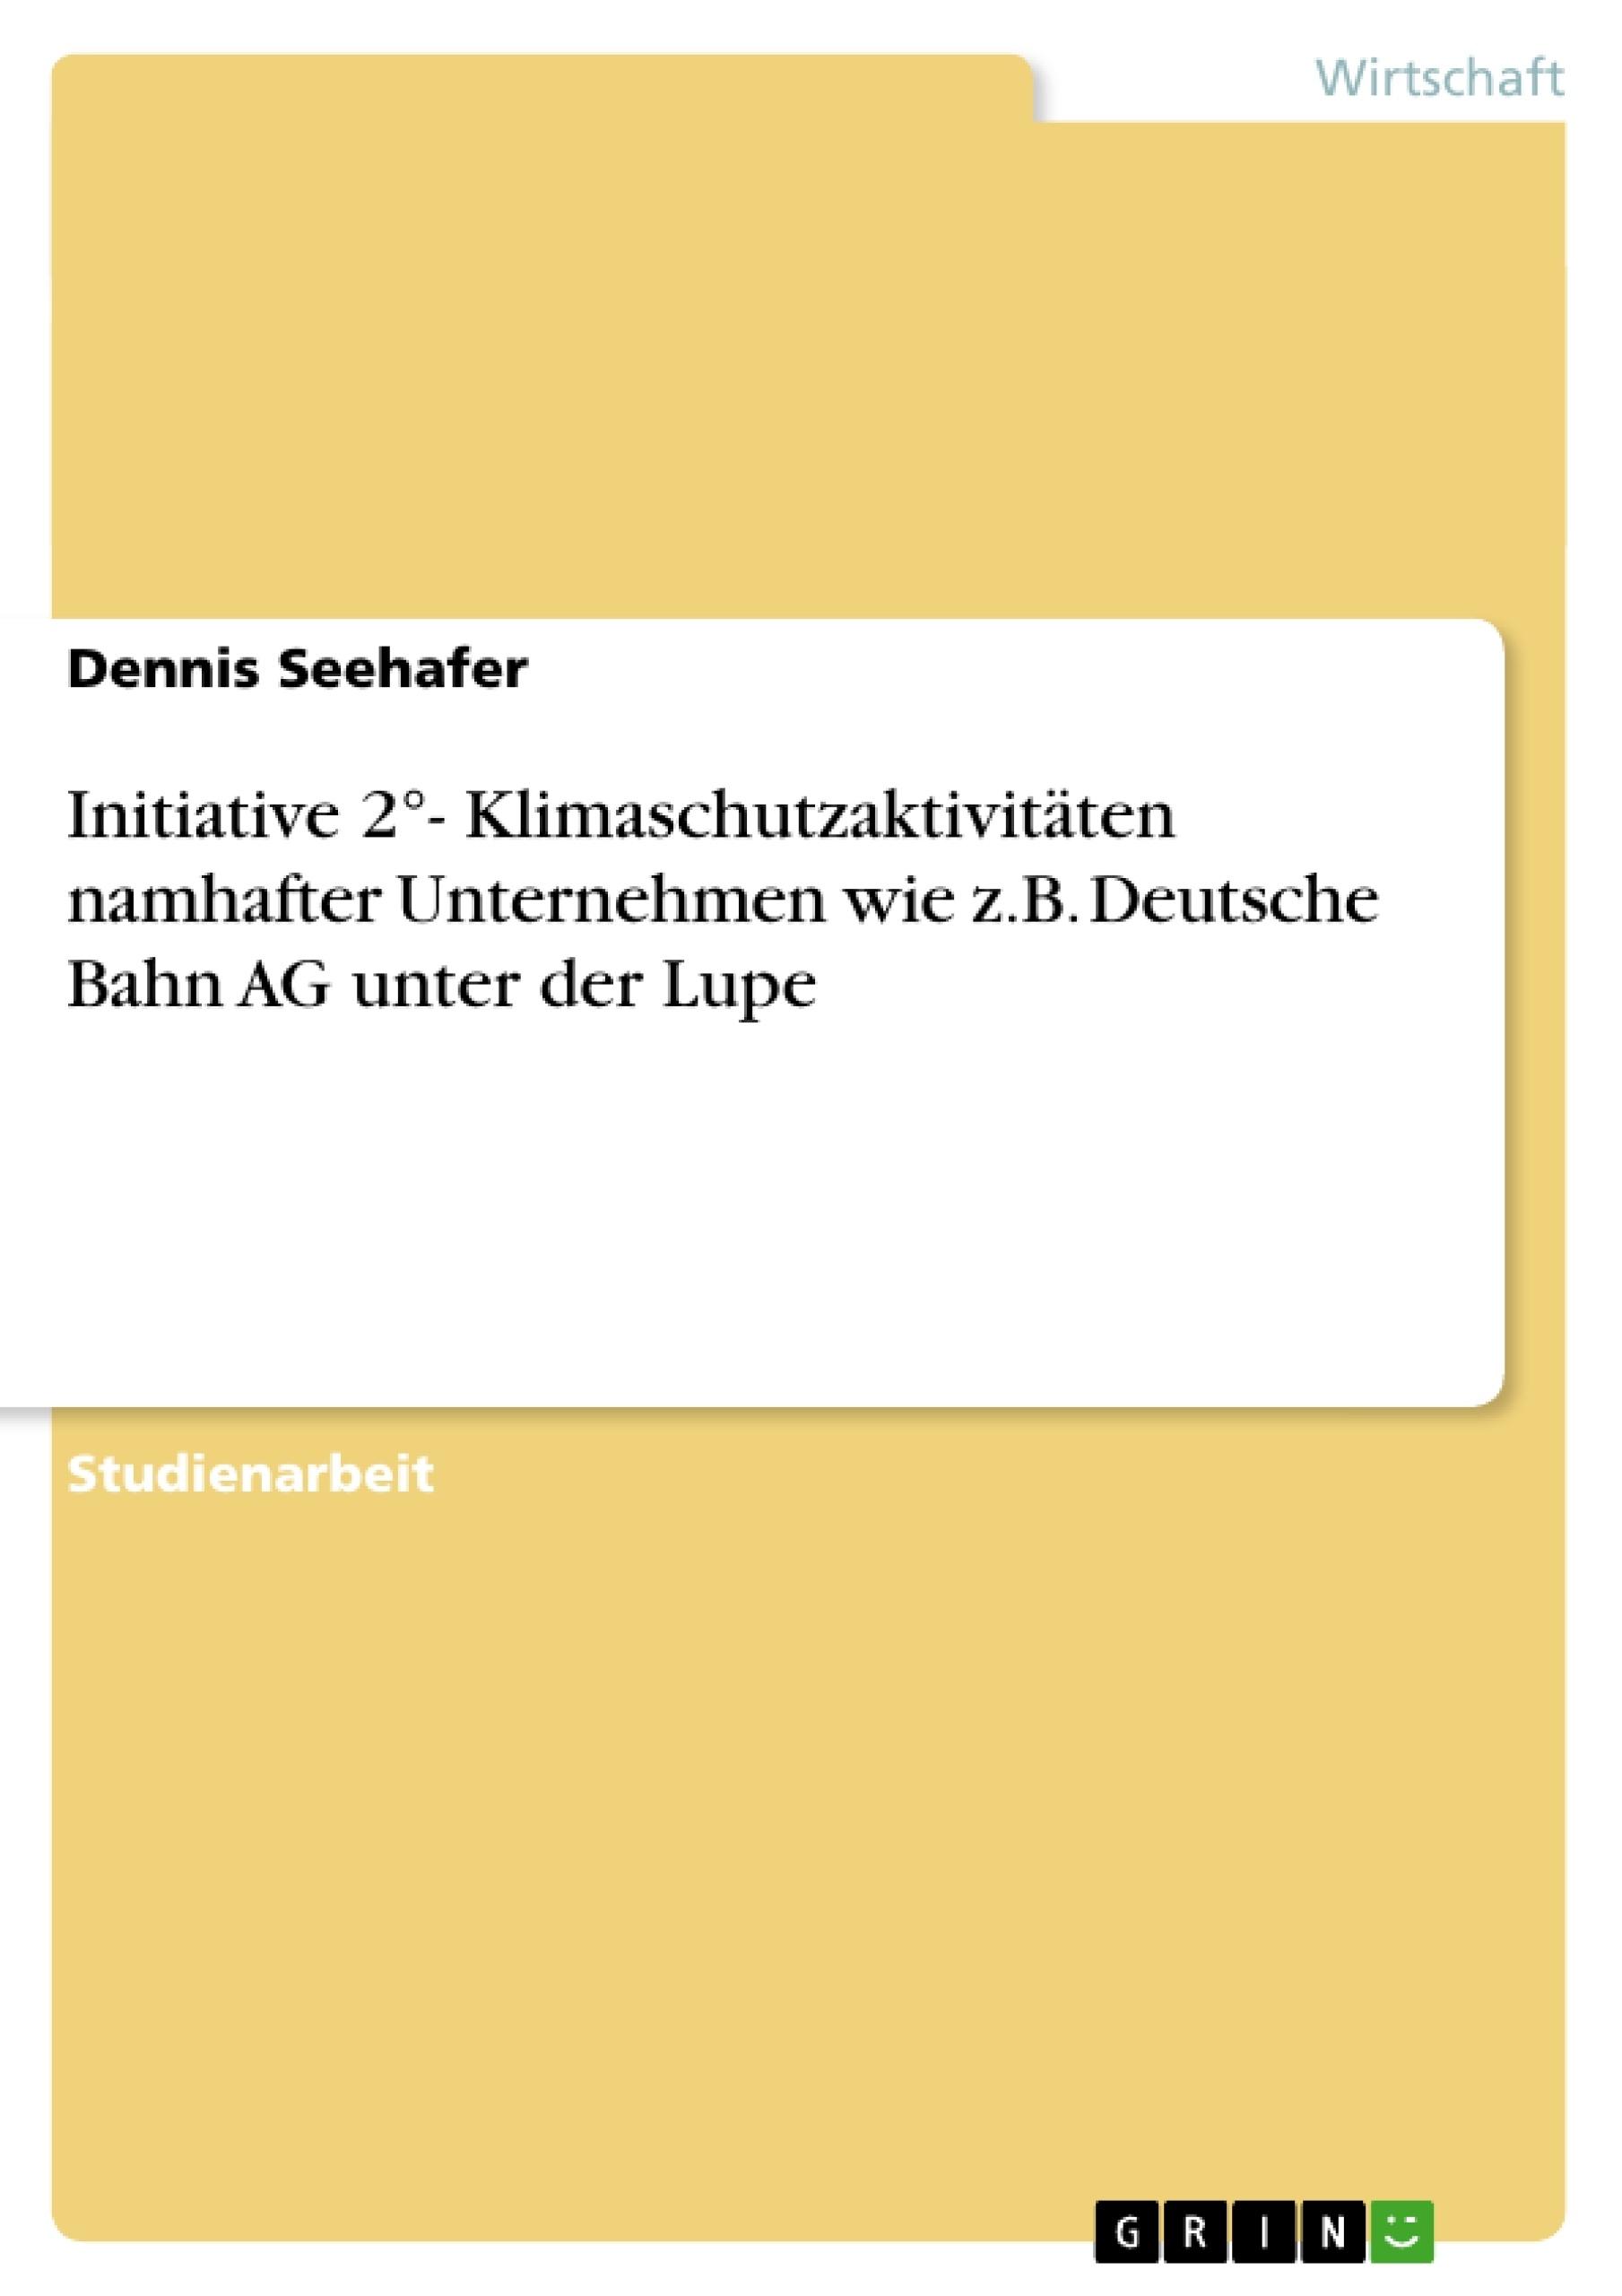 Titel: Initiative 2°- Klimaschutzaktivitäten namhafter Unternehmen wie z.B. Deutsche Bahn AG unter der Lupe